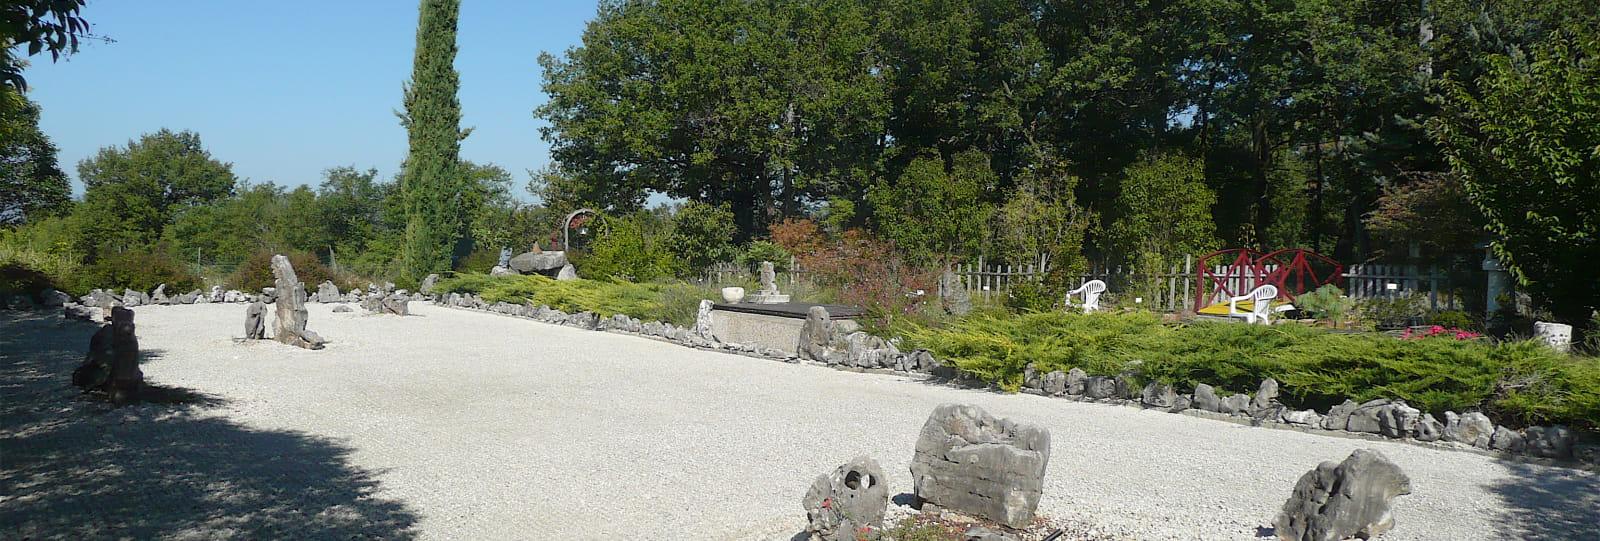 Le Jardin Zen de Montvendre